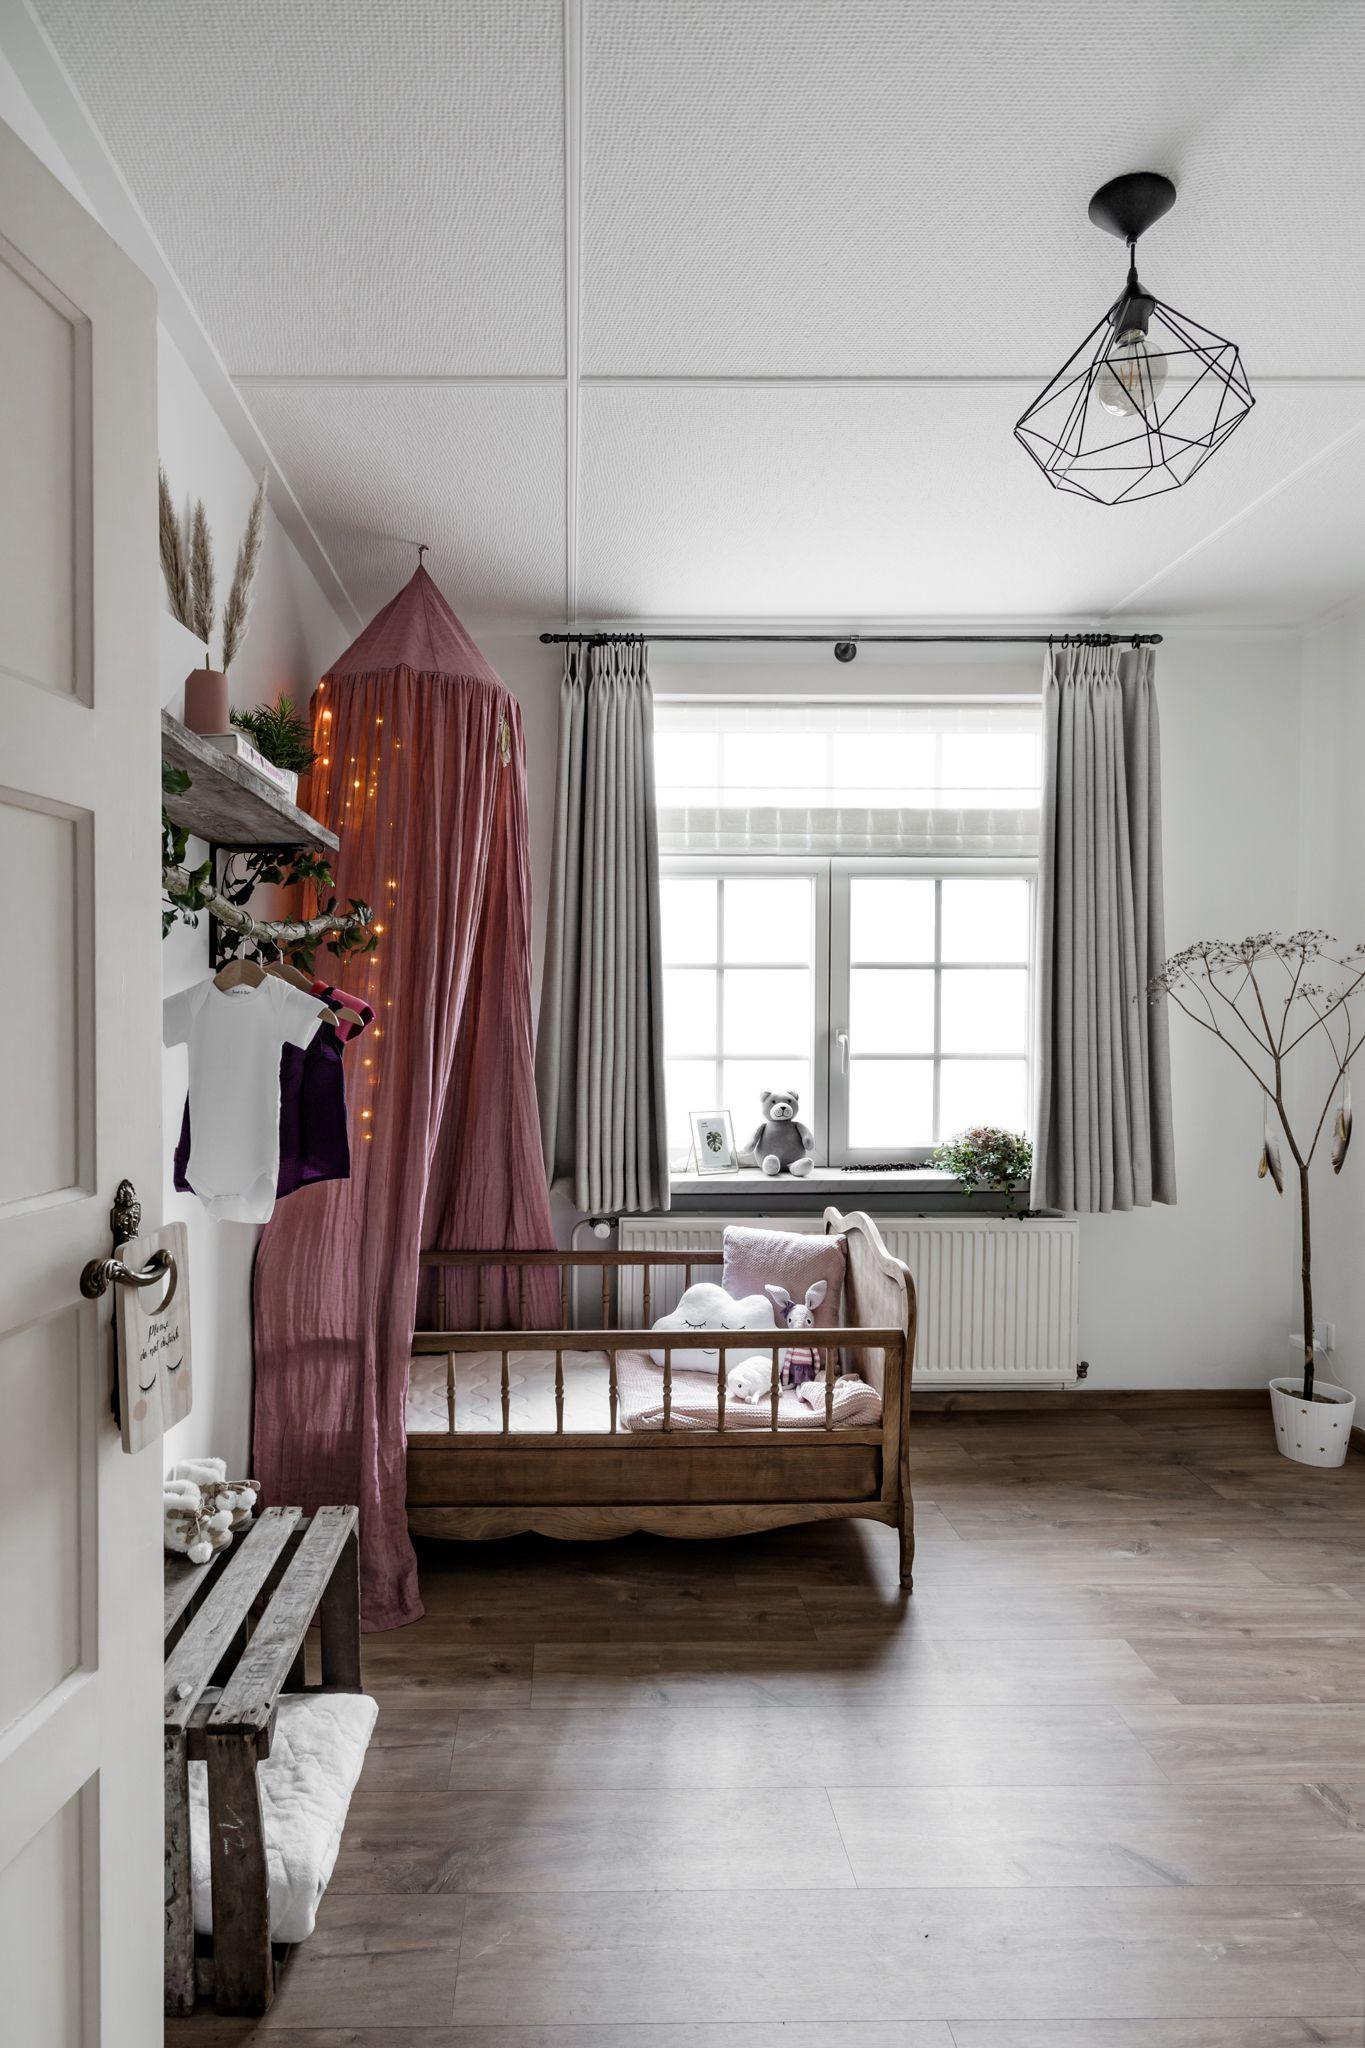 Baby kamer interieur vintage room old decoration | Our Home | Pinterest